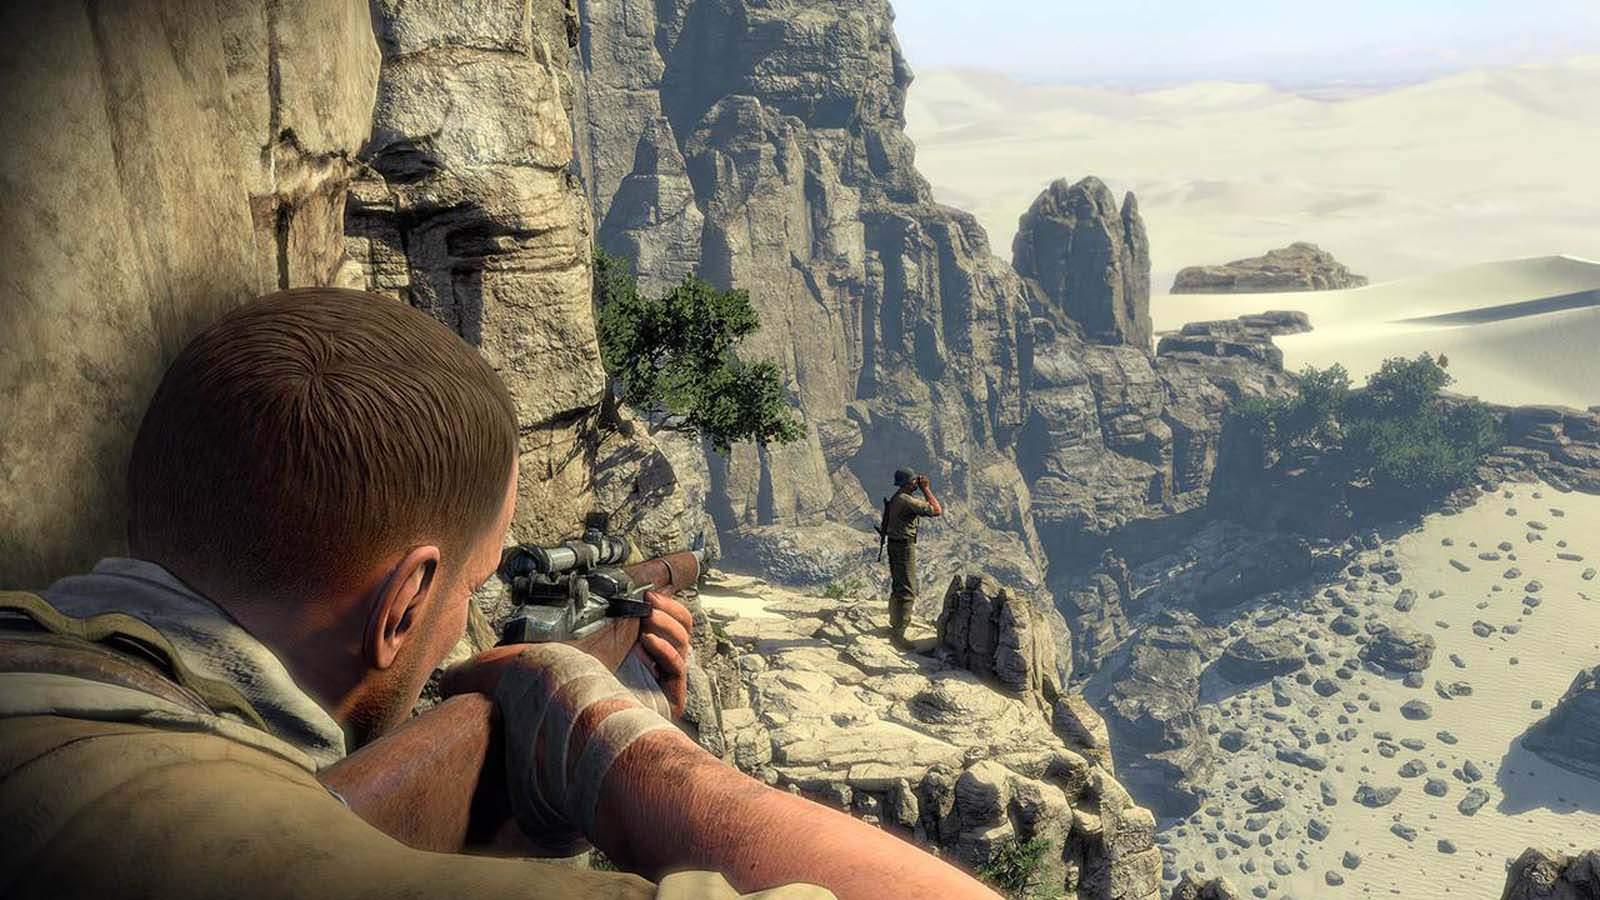 تحميل لعبة Sniper Elite 3 مضغوطة برابط واحد مباشر + تورنت كاملة مجانا